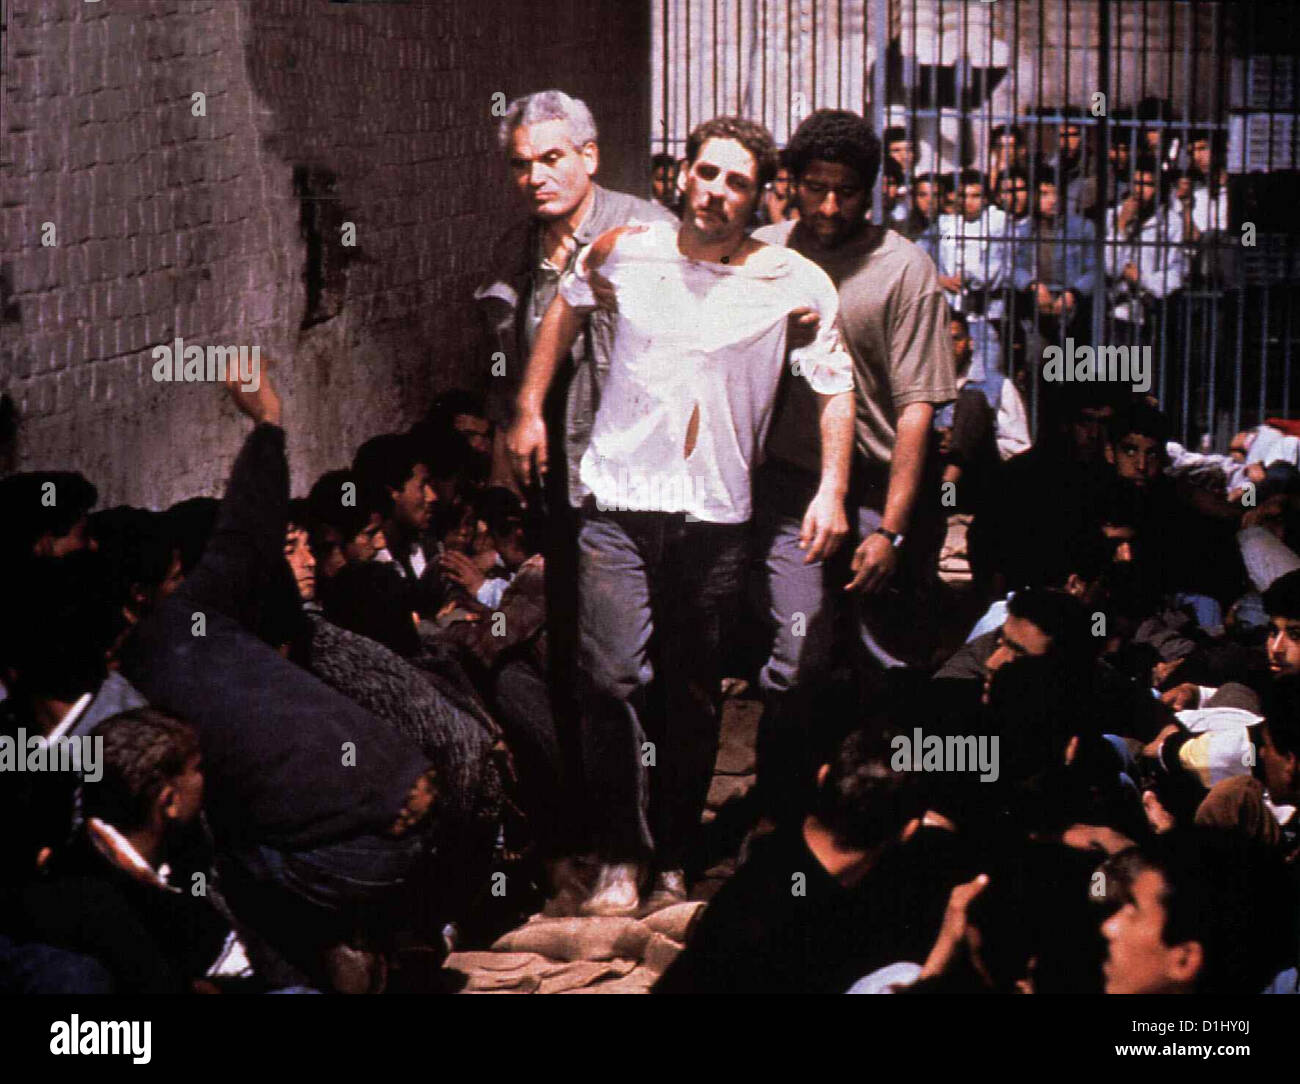 Oktober In Algier  Automne Octobre Alger  Im politisch und wirtschaftlich gebeutelten Algerien versucht ein junger - Stock Image